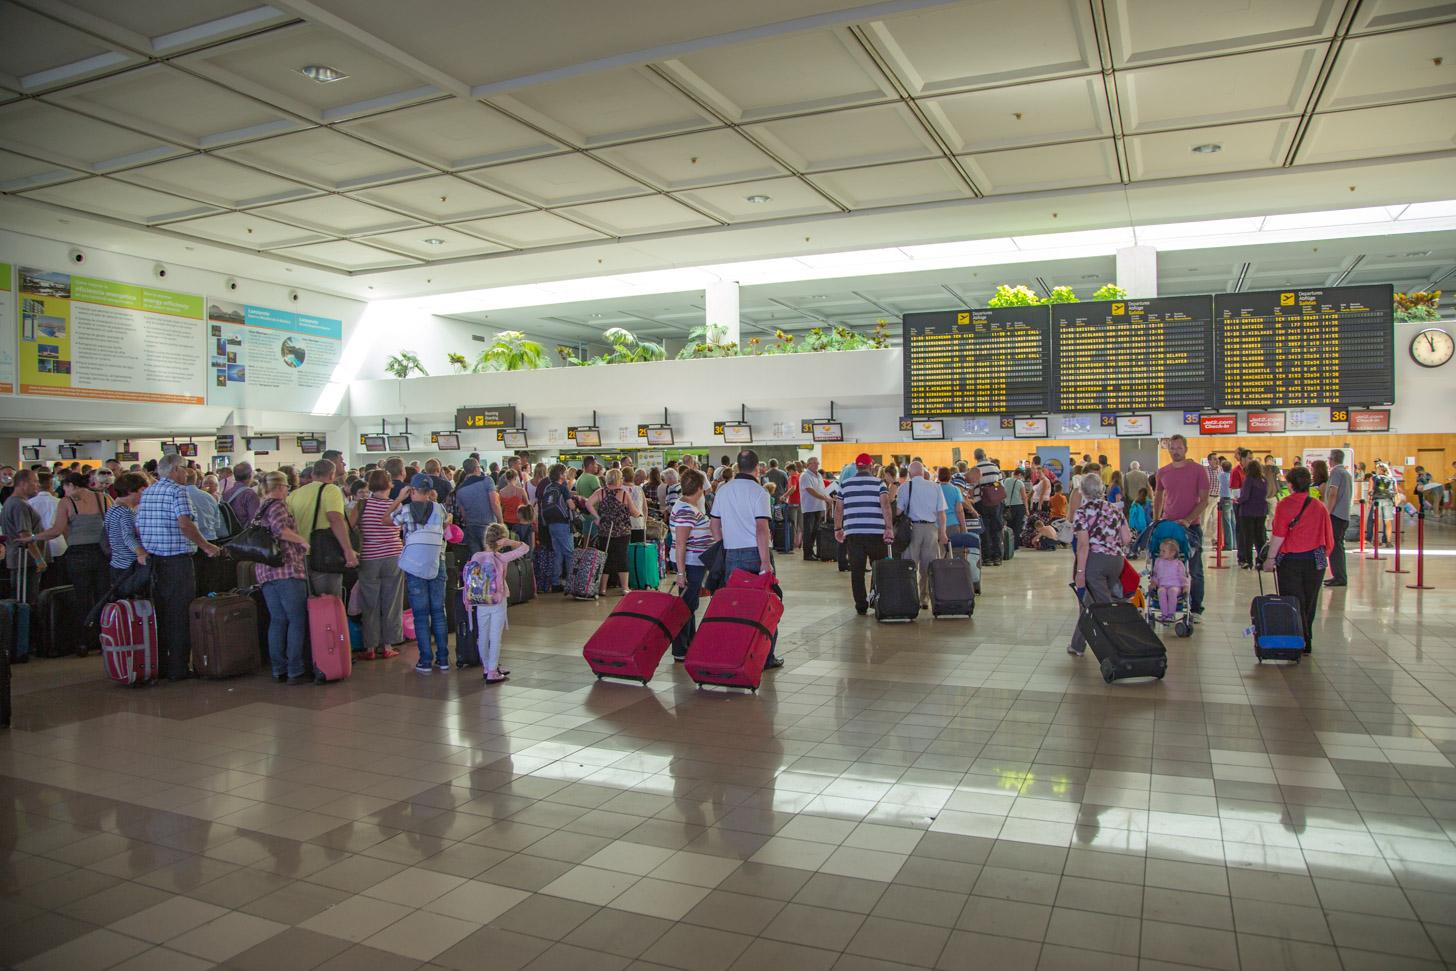 De vertrekhal van het vliegveld van Lanzarote